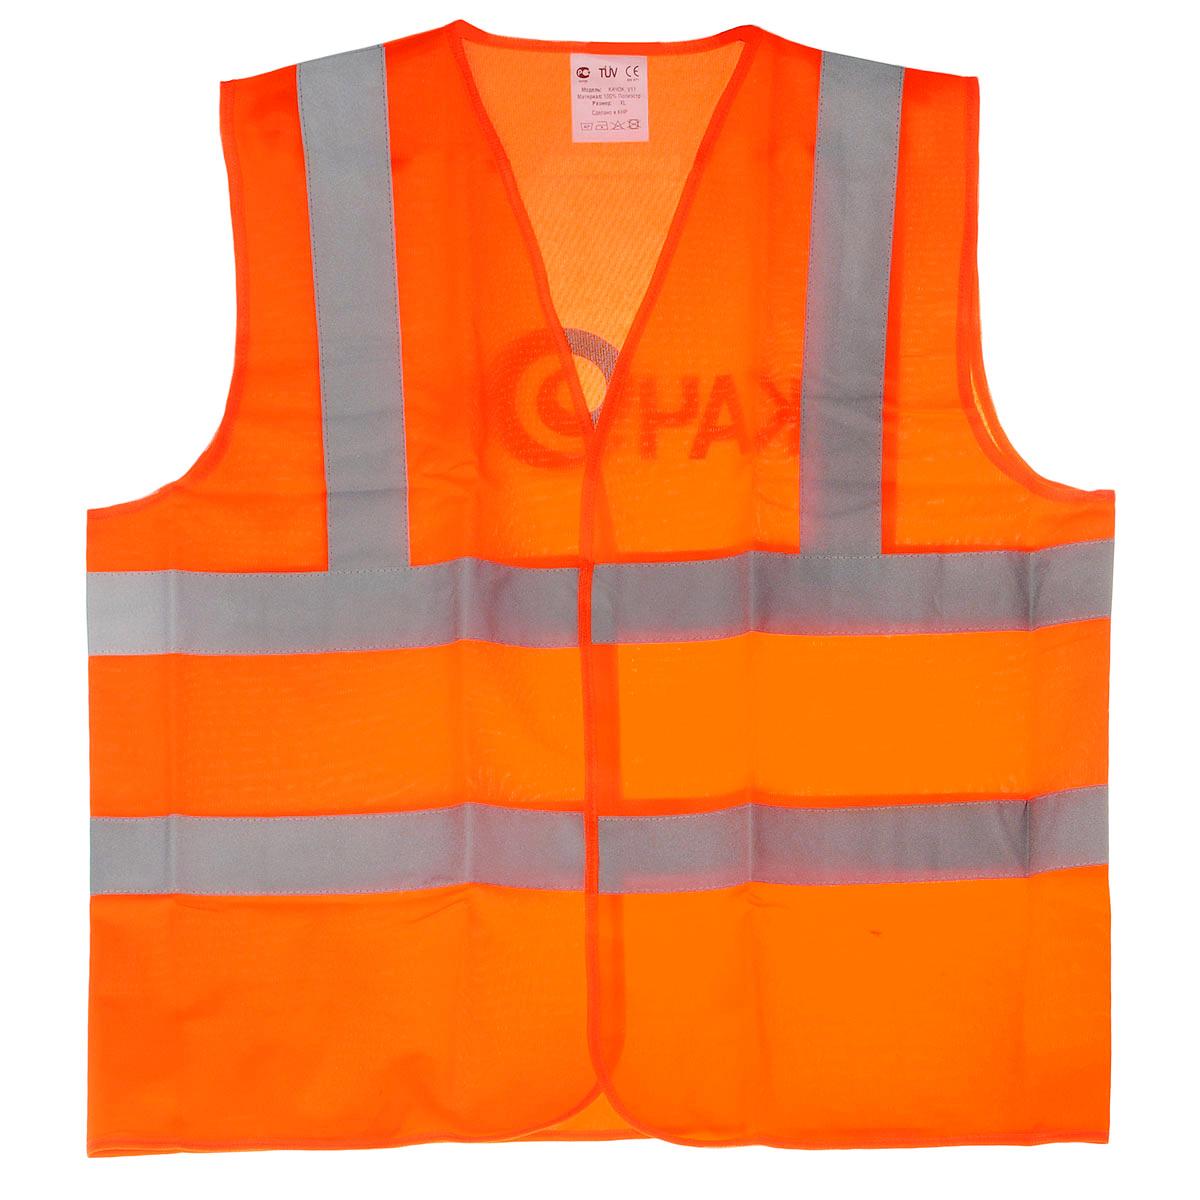 Жилет аварийный сигнальный Качок V11, цвет: оранжевый. Размер XL